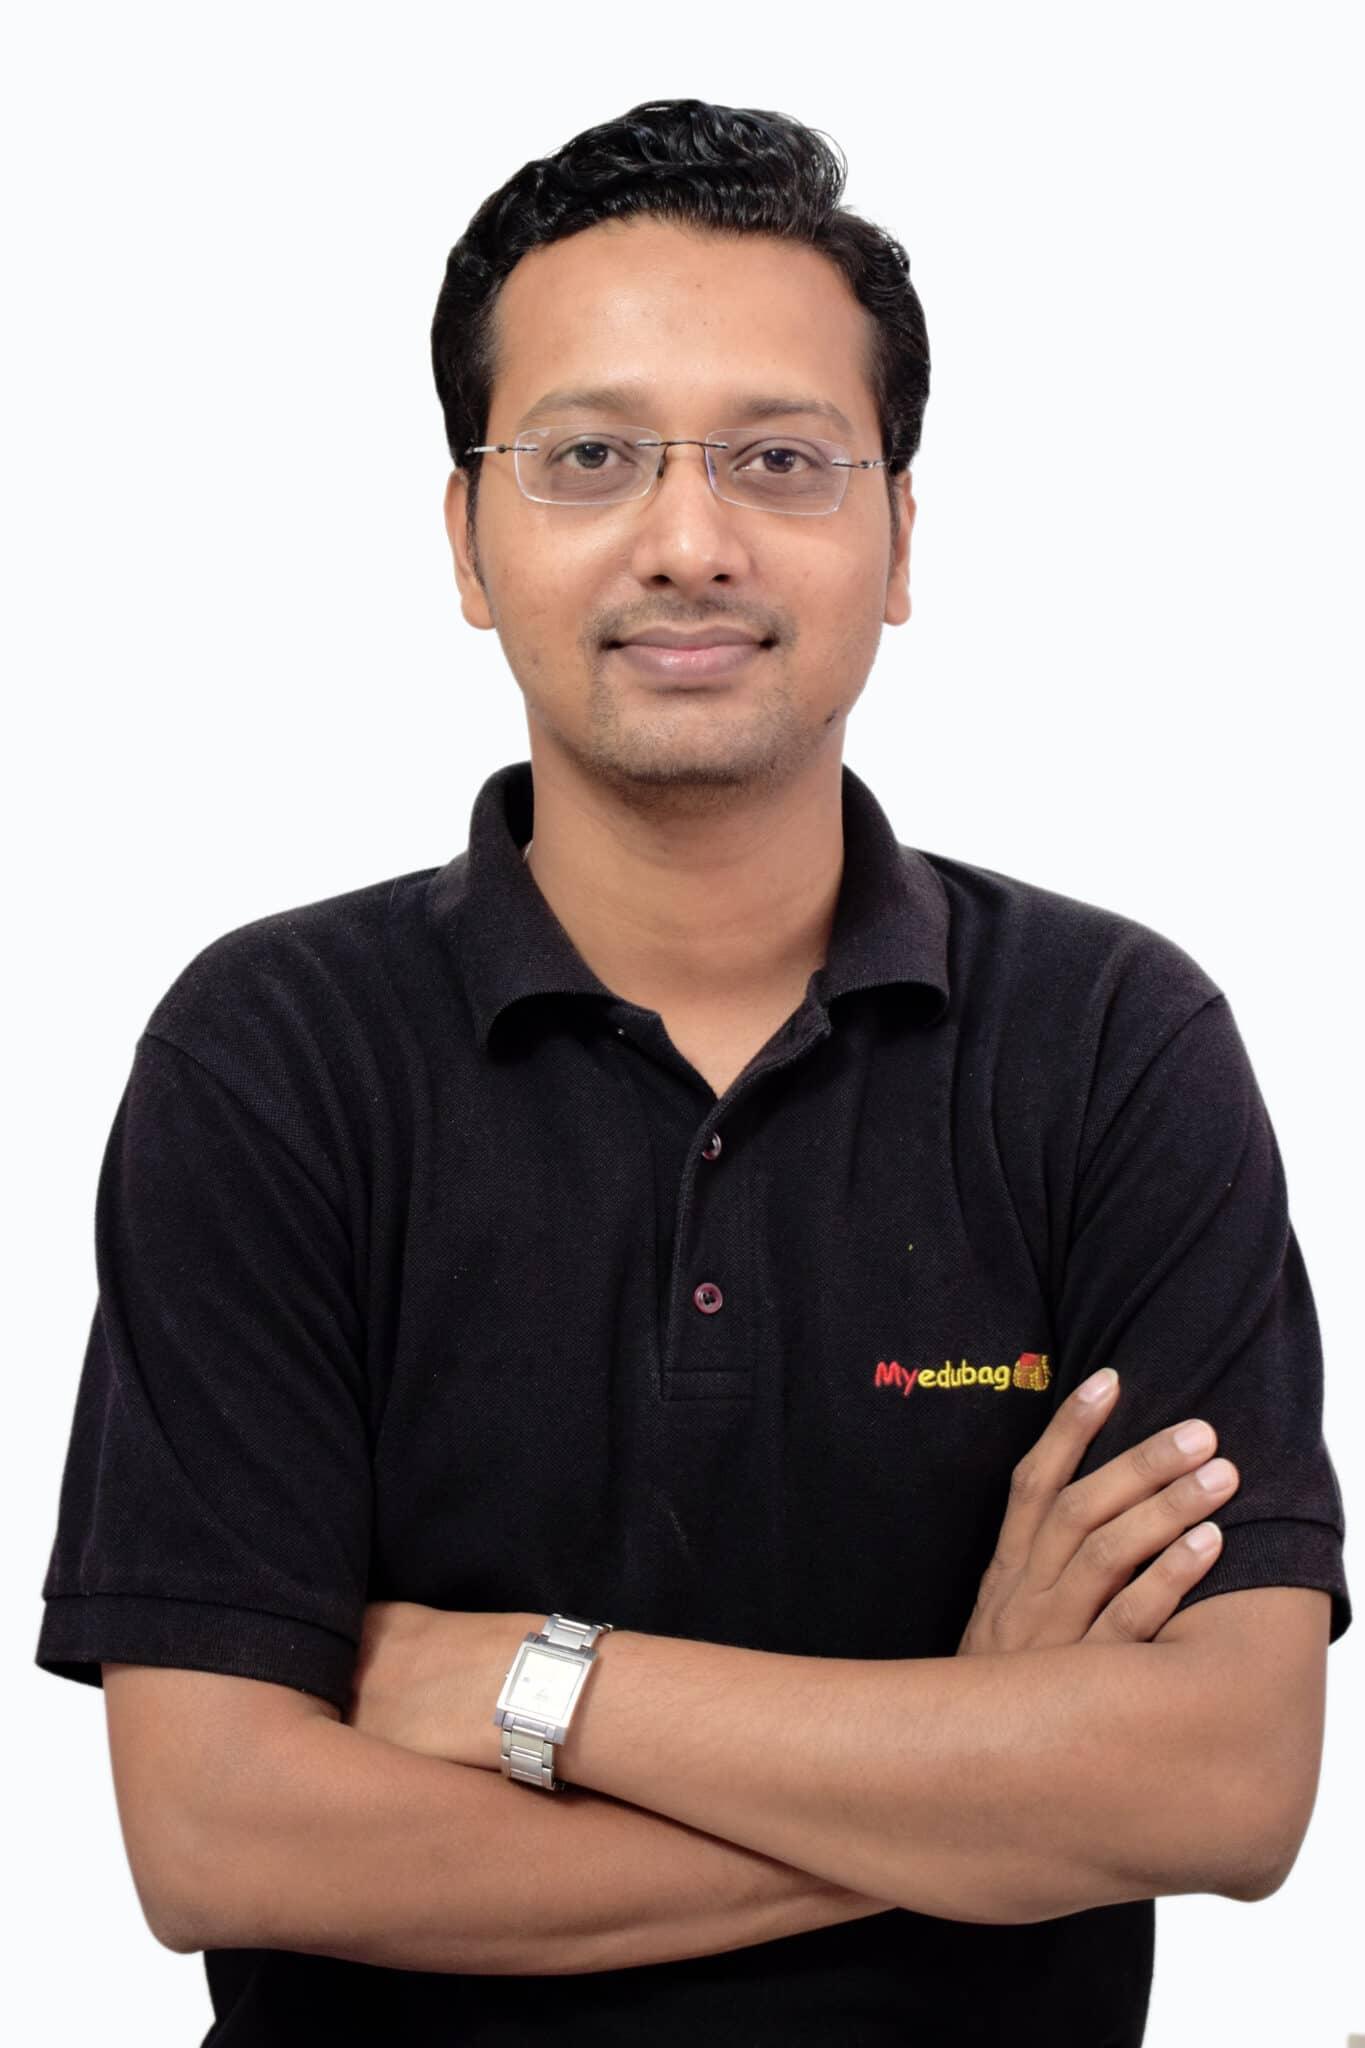 Abhinav Pradhan Myedubag